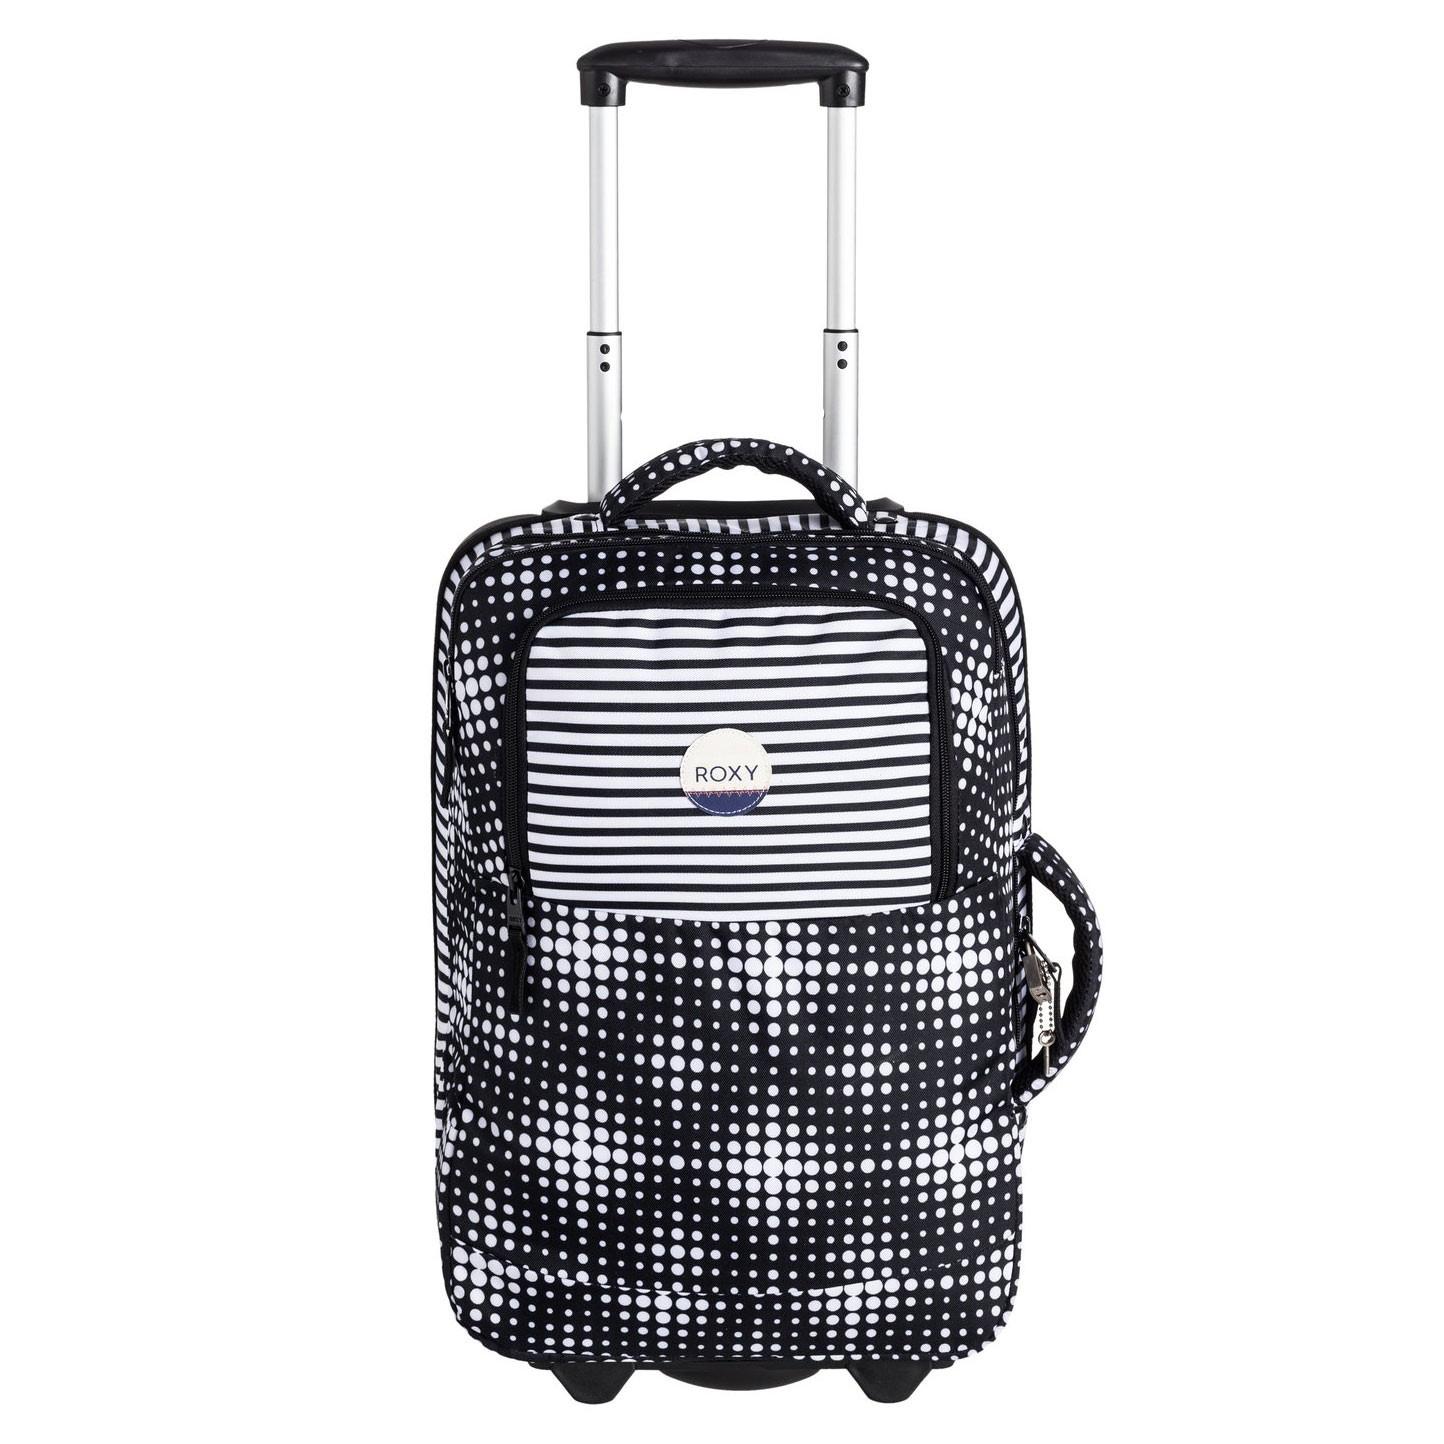 Cestovní taška Roxy Roll Up anthracite opticity vel.35L 50×32×22 cm 17 + doručení do 24 hodin